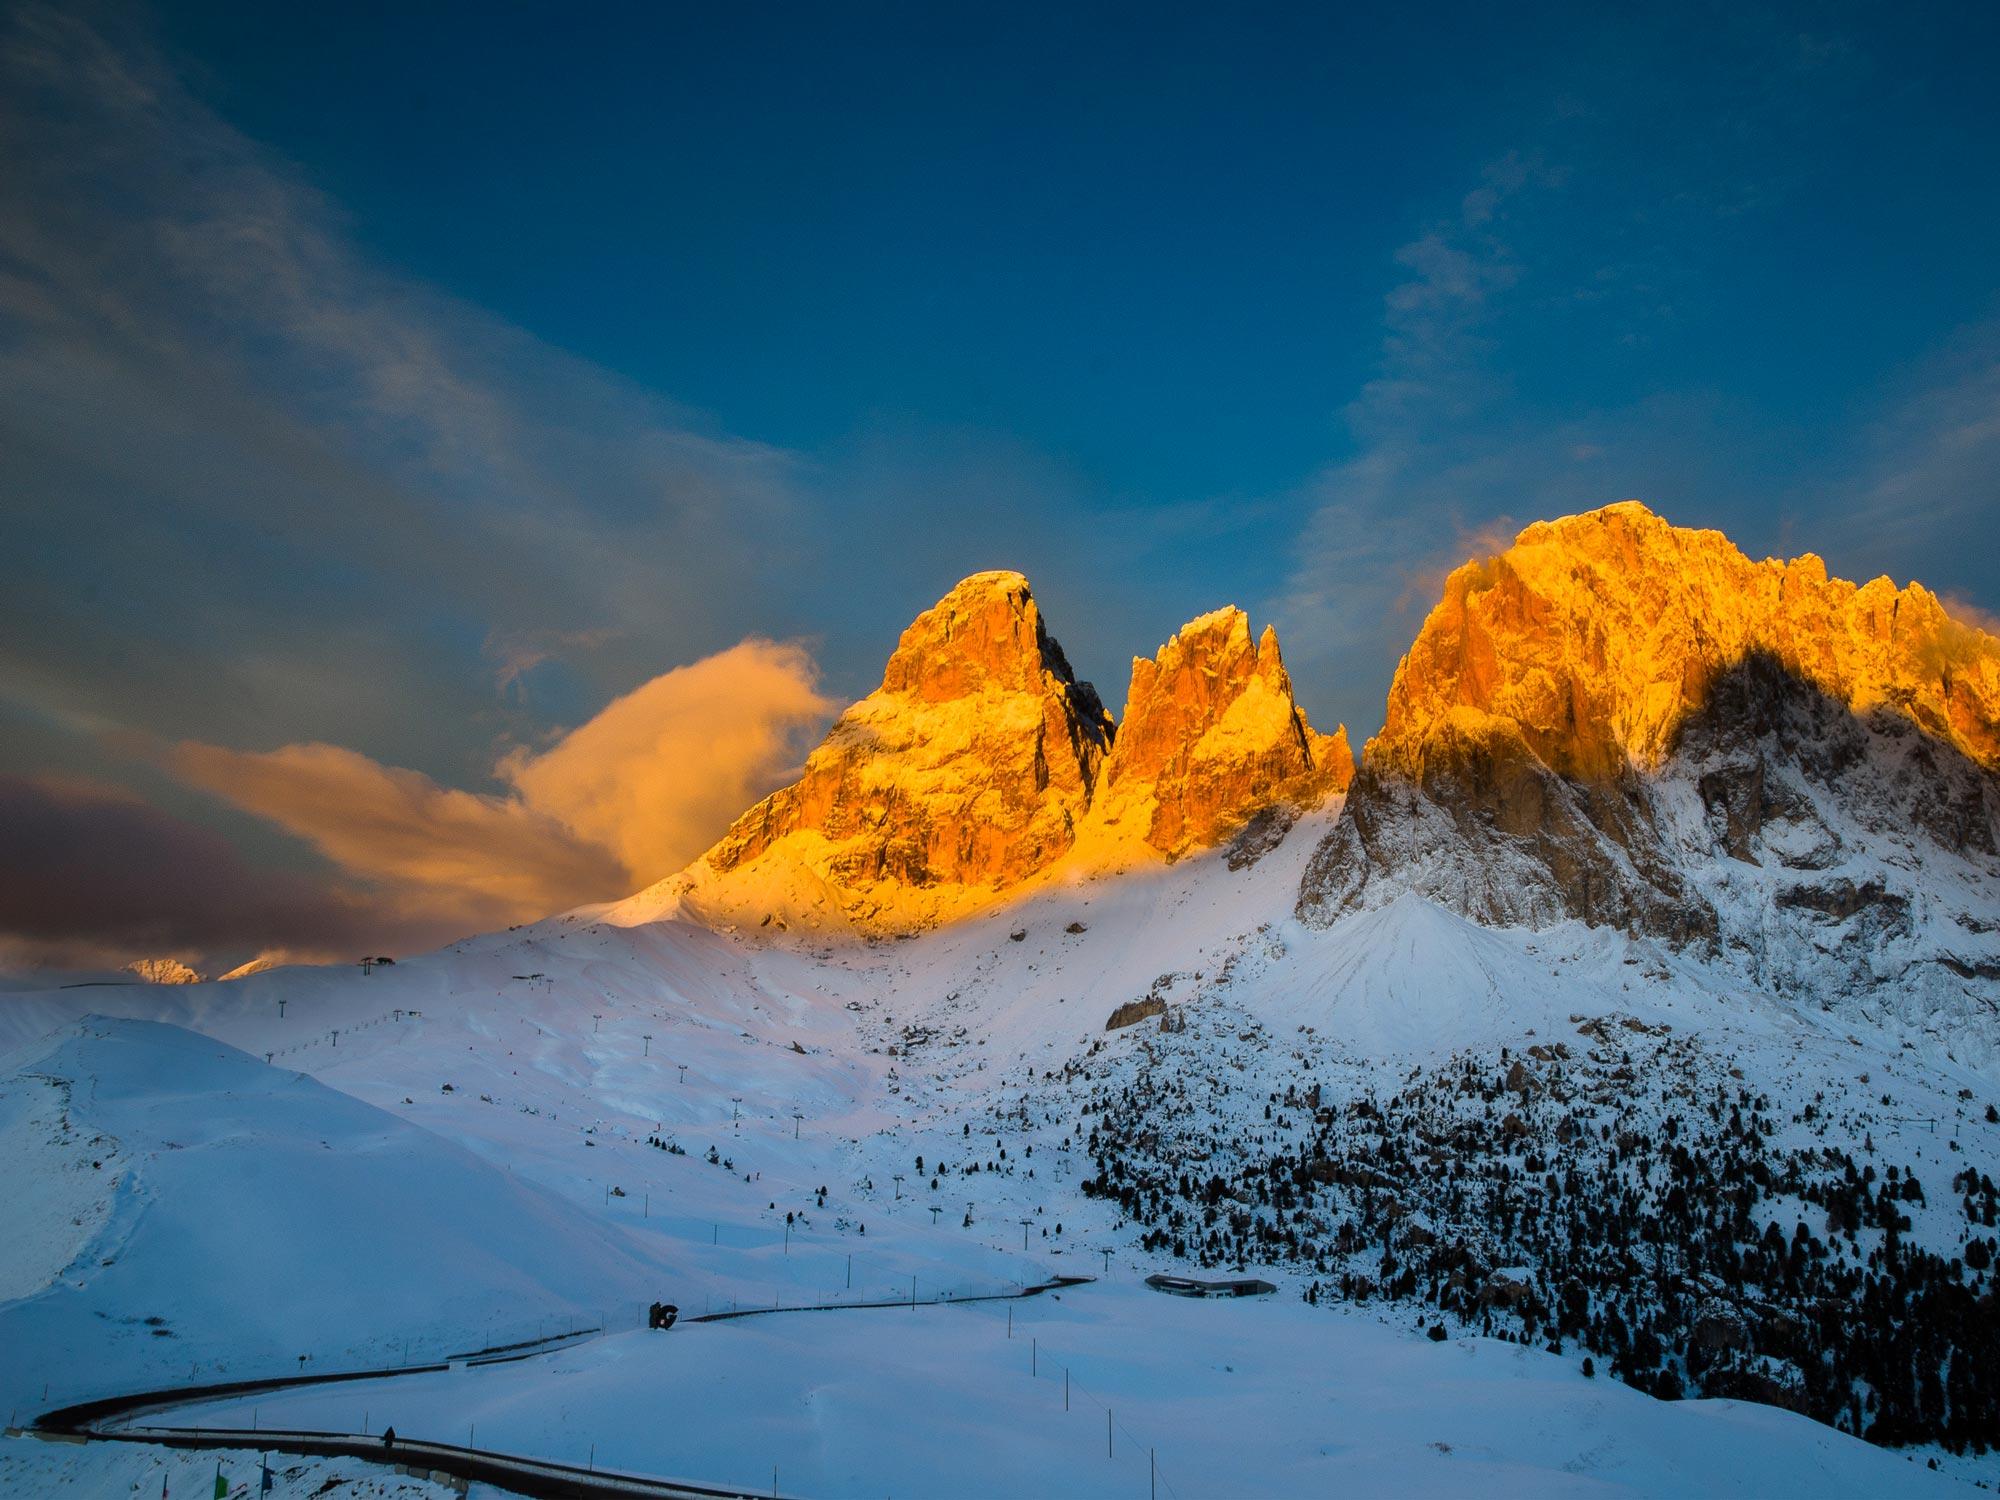 Trentino SkiSunrise